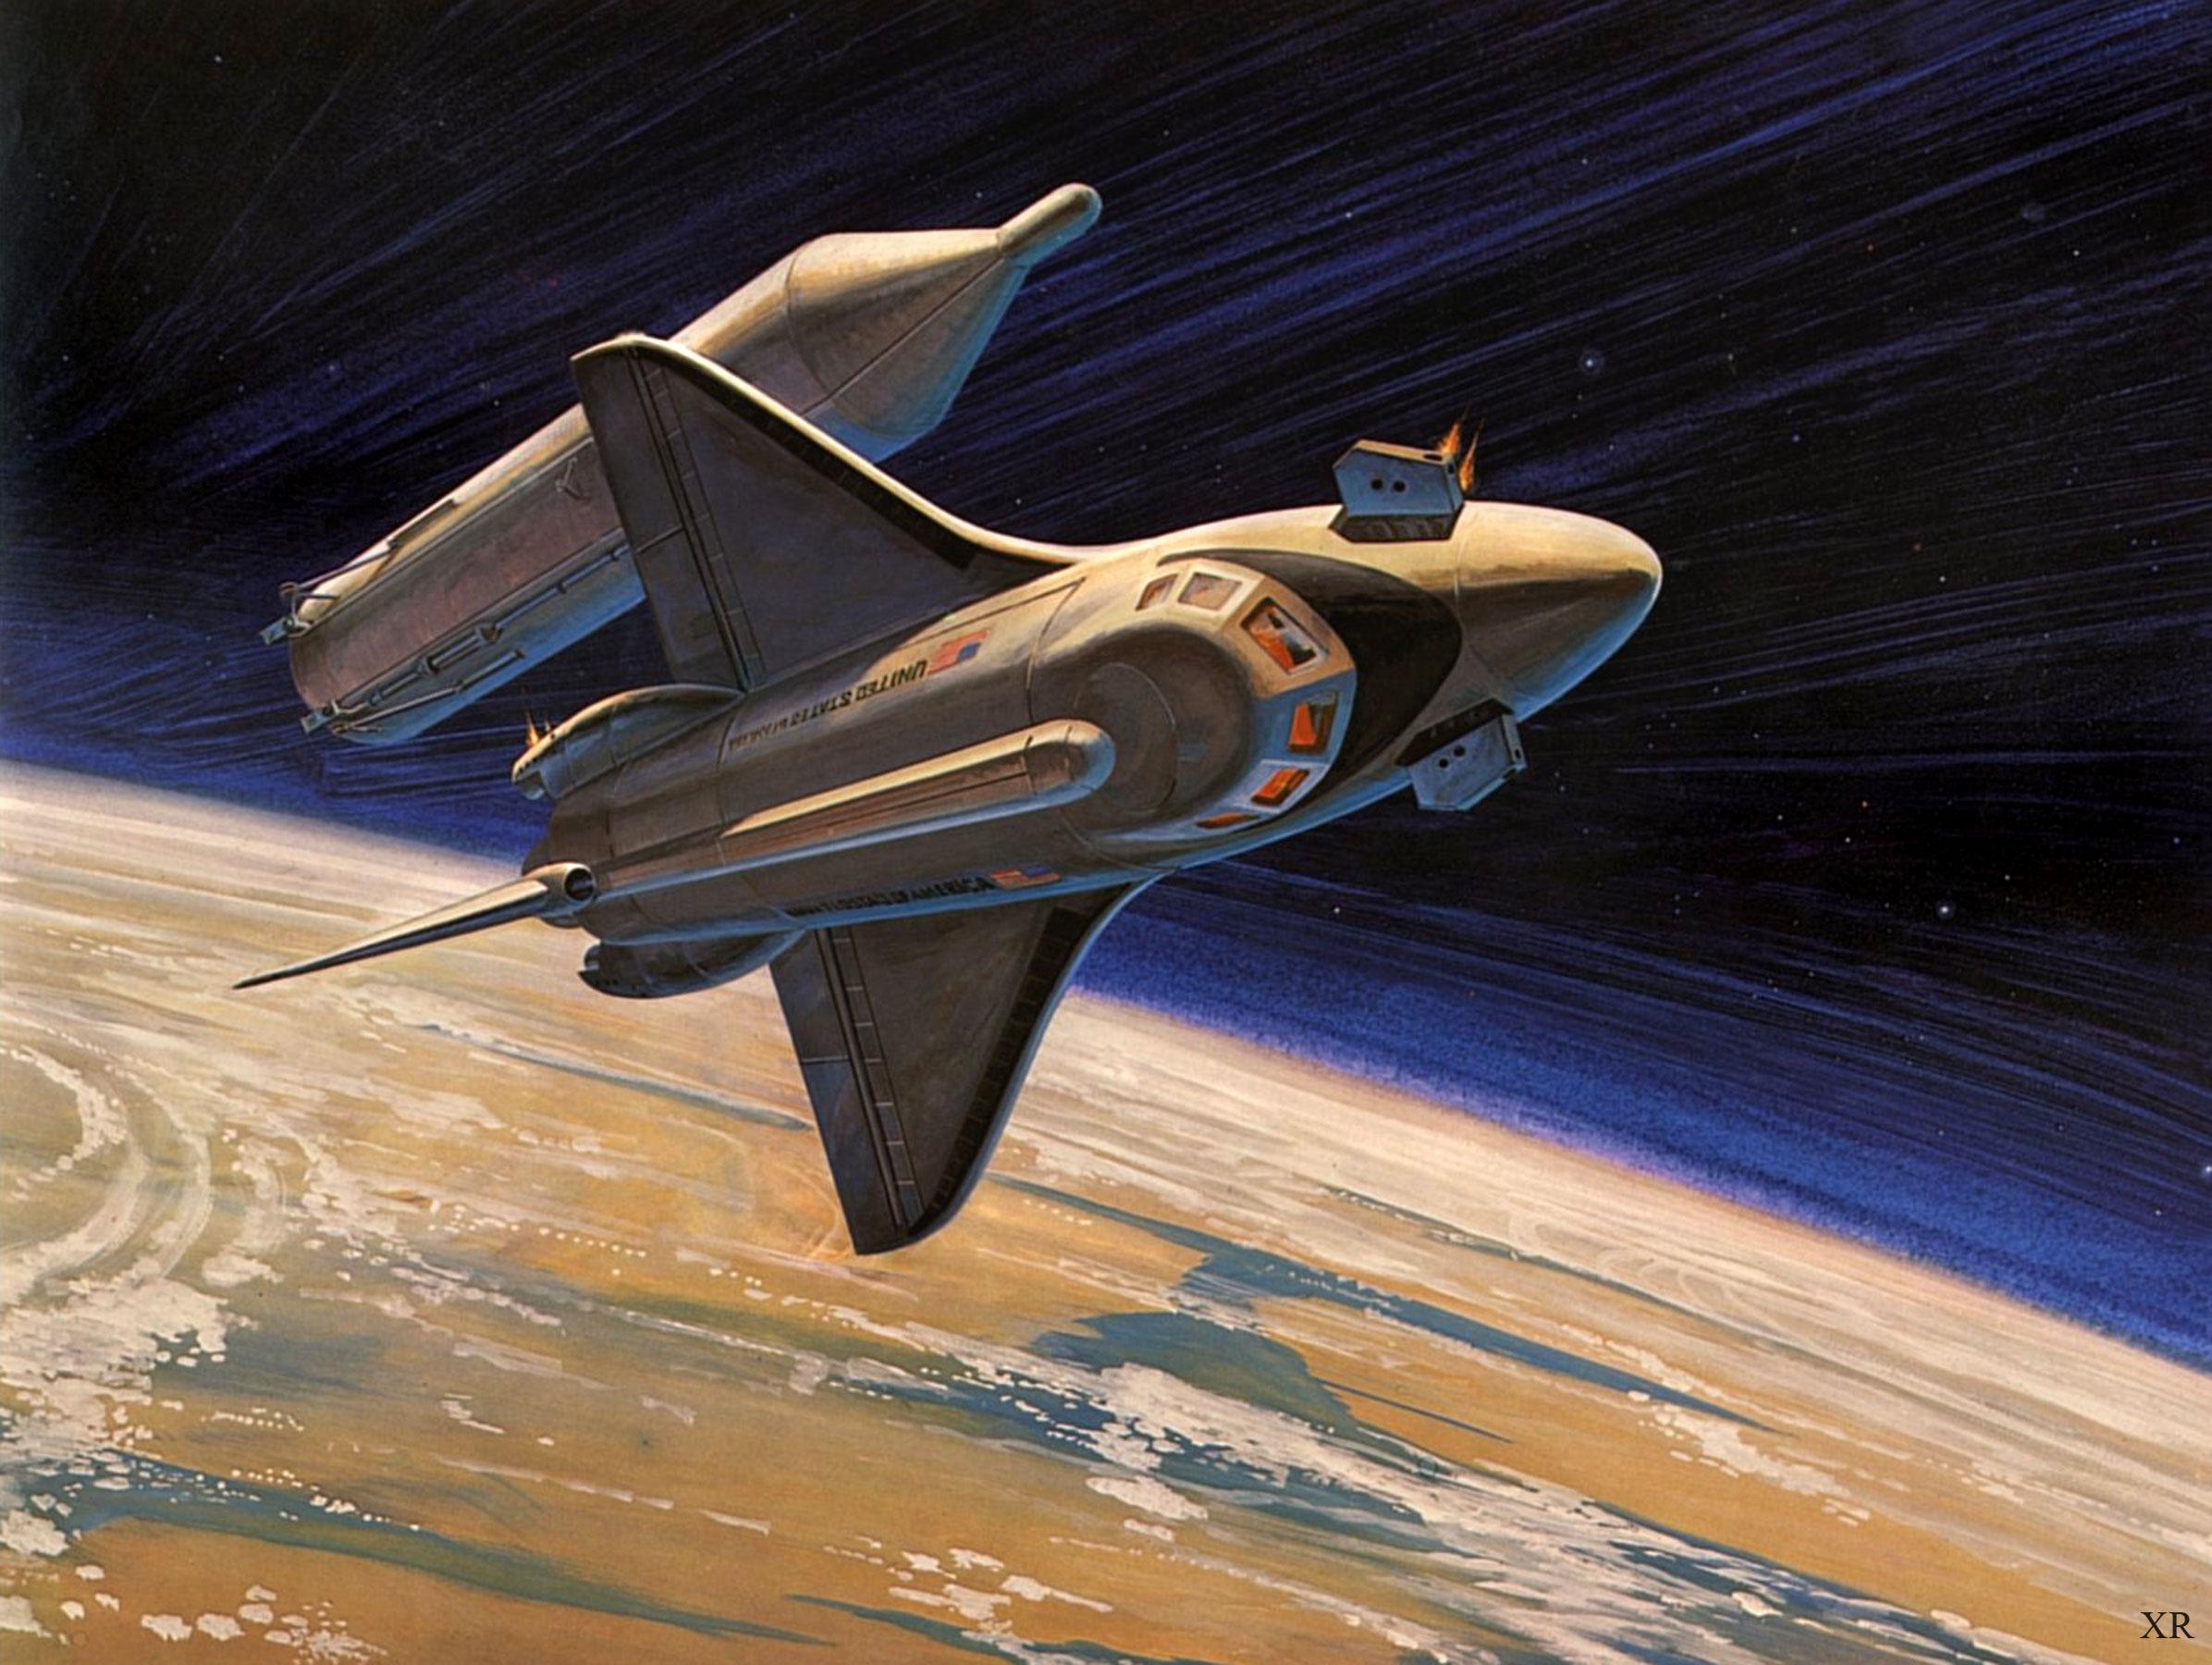 Картинки на тему авиация и космос, лет